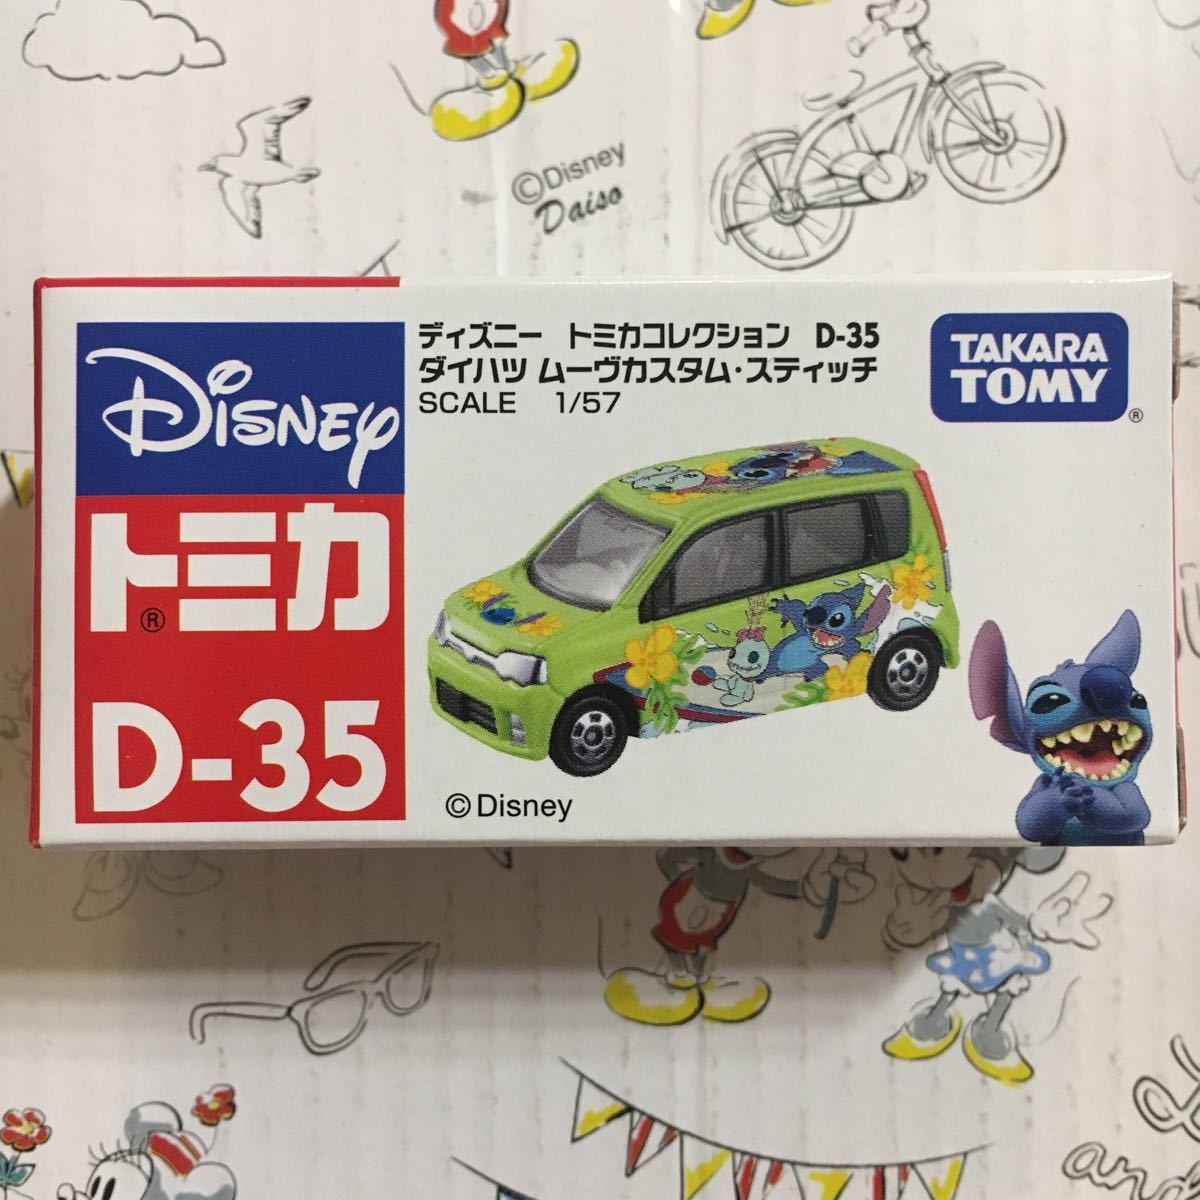 D-35 DAIHATSU ダイハツ ムーヴカスタム スティッチ Disney ディズニー トミカ コレクション Stitch LILO Move スクランプ ムーブ